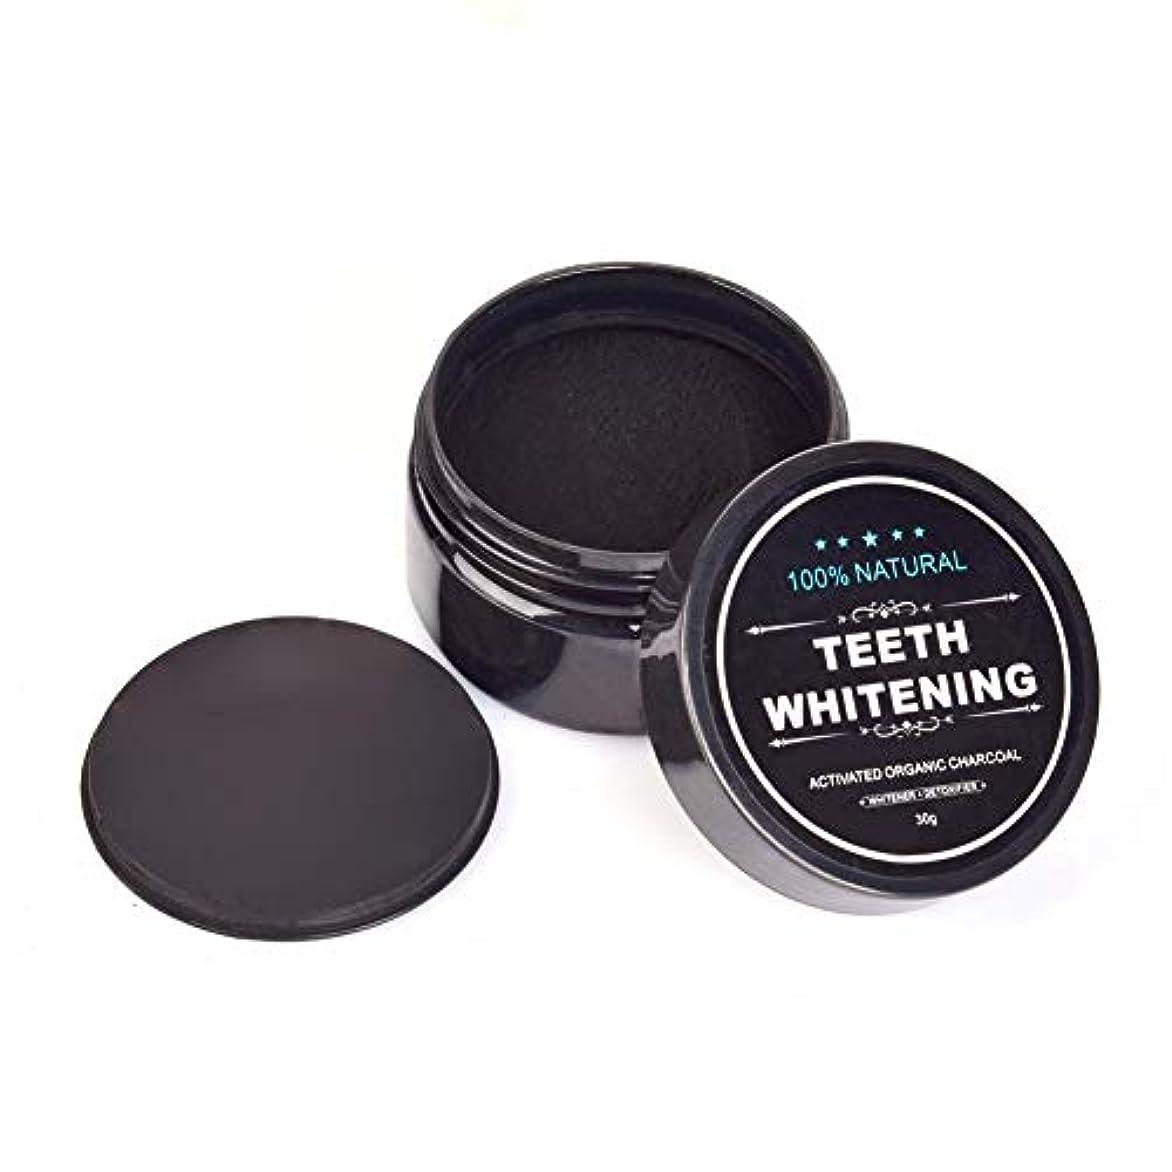 なる間違いなく拒否SILUN チャコールホワイトニング 歯 ホワイトニング チャコール型 マイクロパウダー 歯 ホワイトニング 食べれる活性炭 竹炭 歯を白くする歯磨き粉 活性炭パウダー